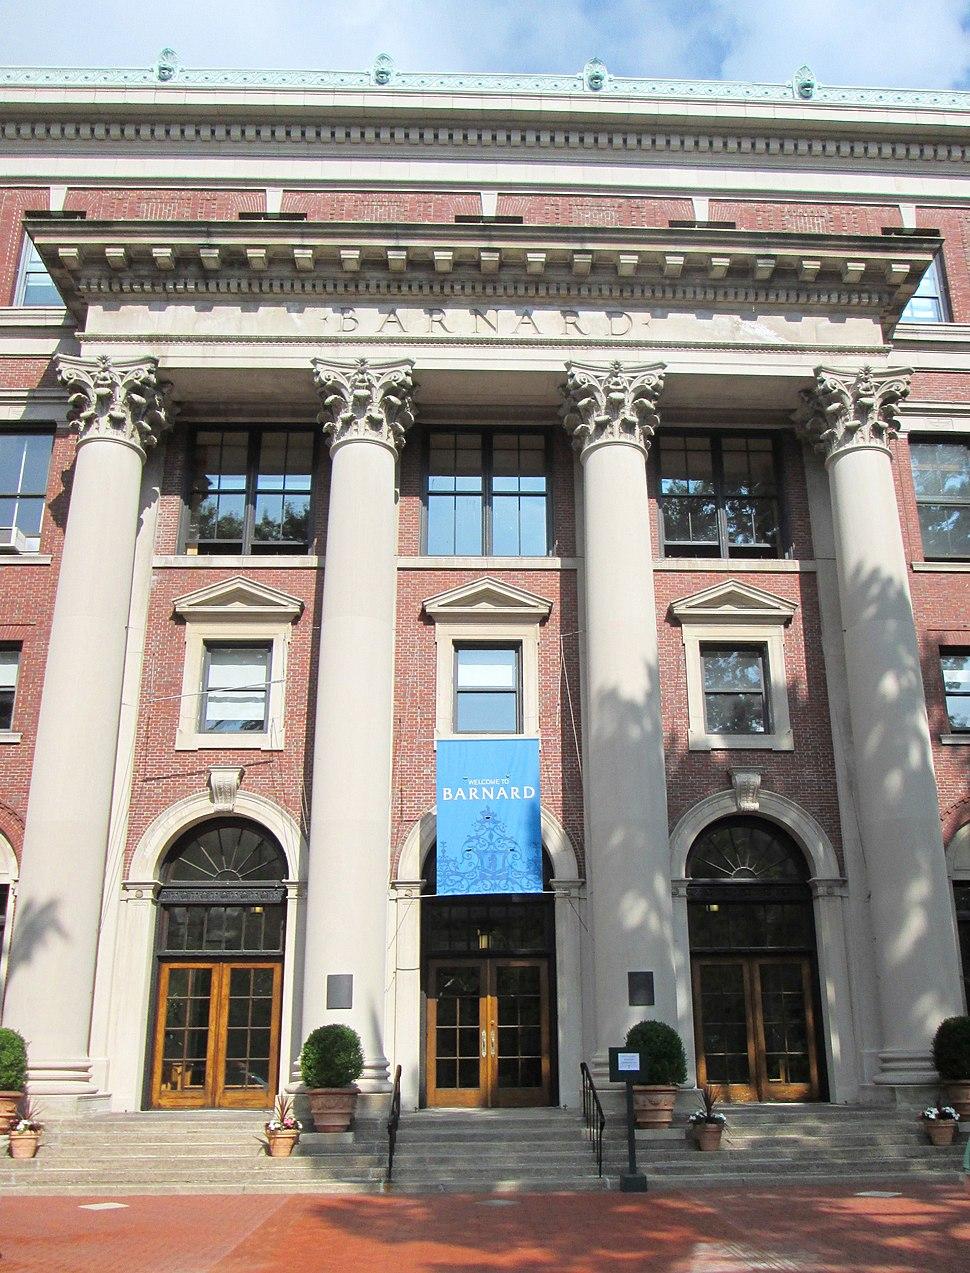 2014 Barnard College Barnard Hall entrance facade.jpg